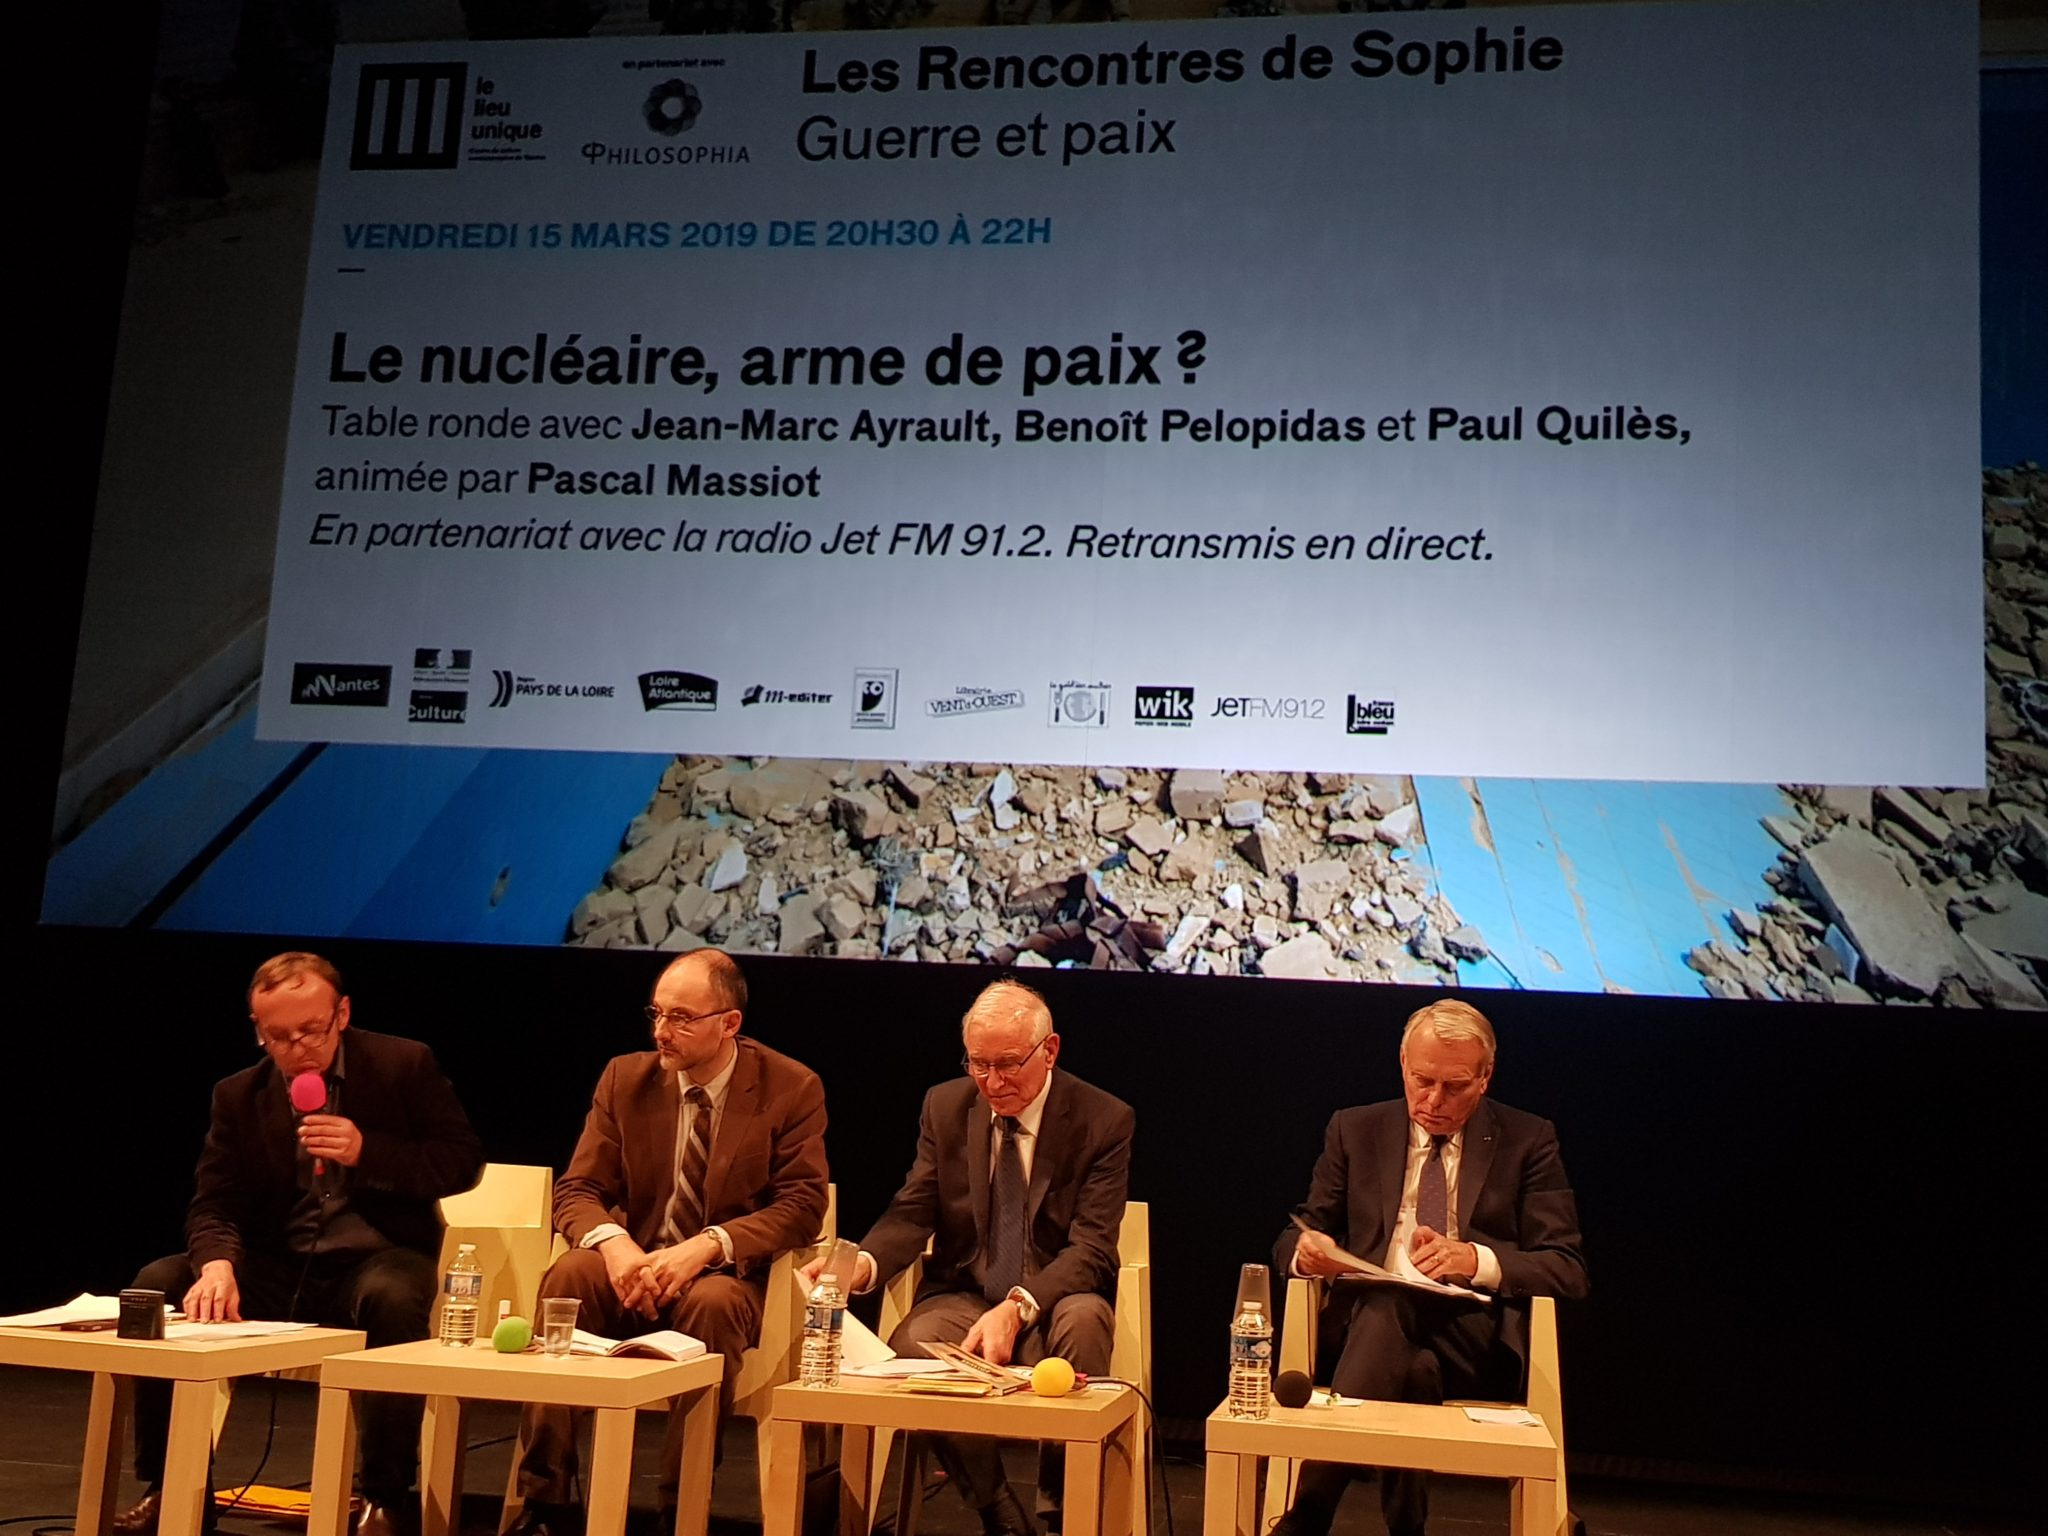 Rencontre sde Sophie Guerre et paix Philosophia Lieu Unique de Nantes Massiot Pelopidas Quilès Ayrault